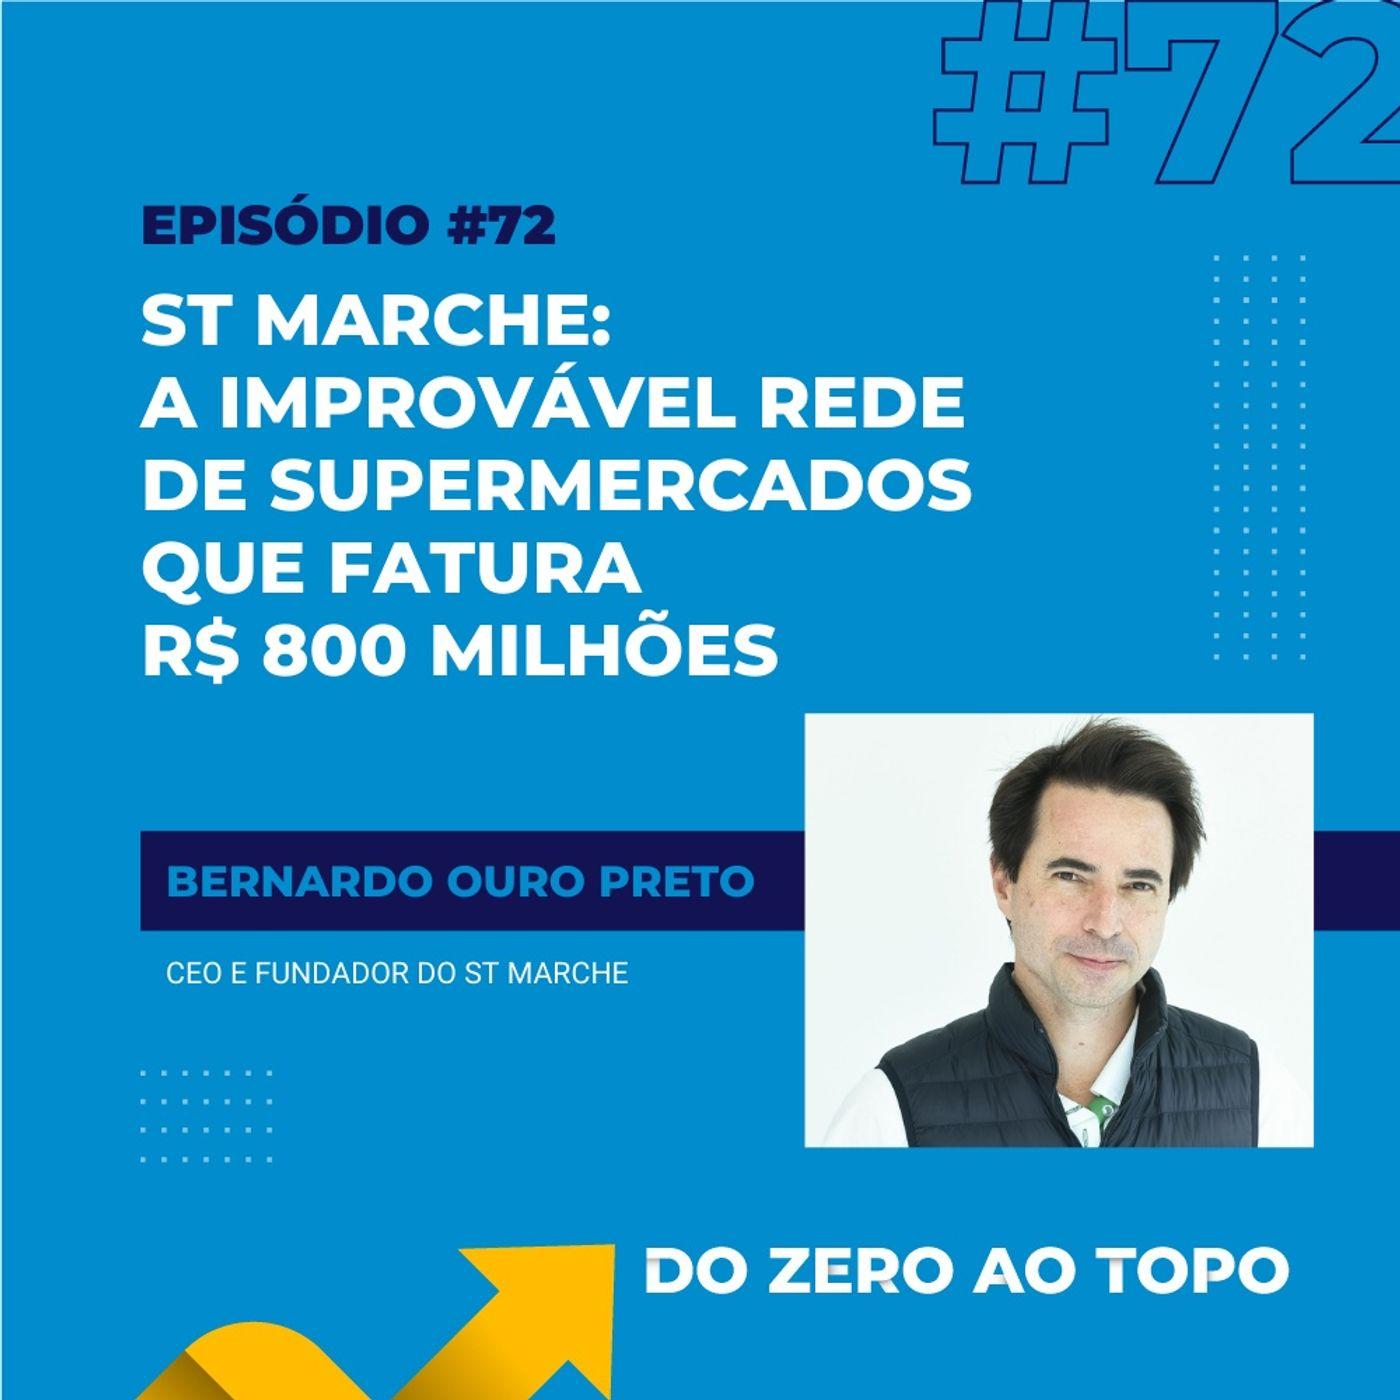 #72 - St Marche: a improvável rede de supermercados que fatura R$ 800 milhões